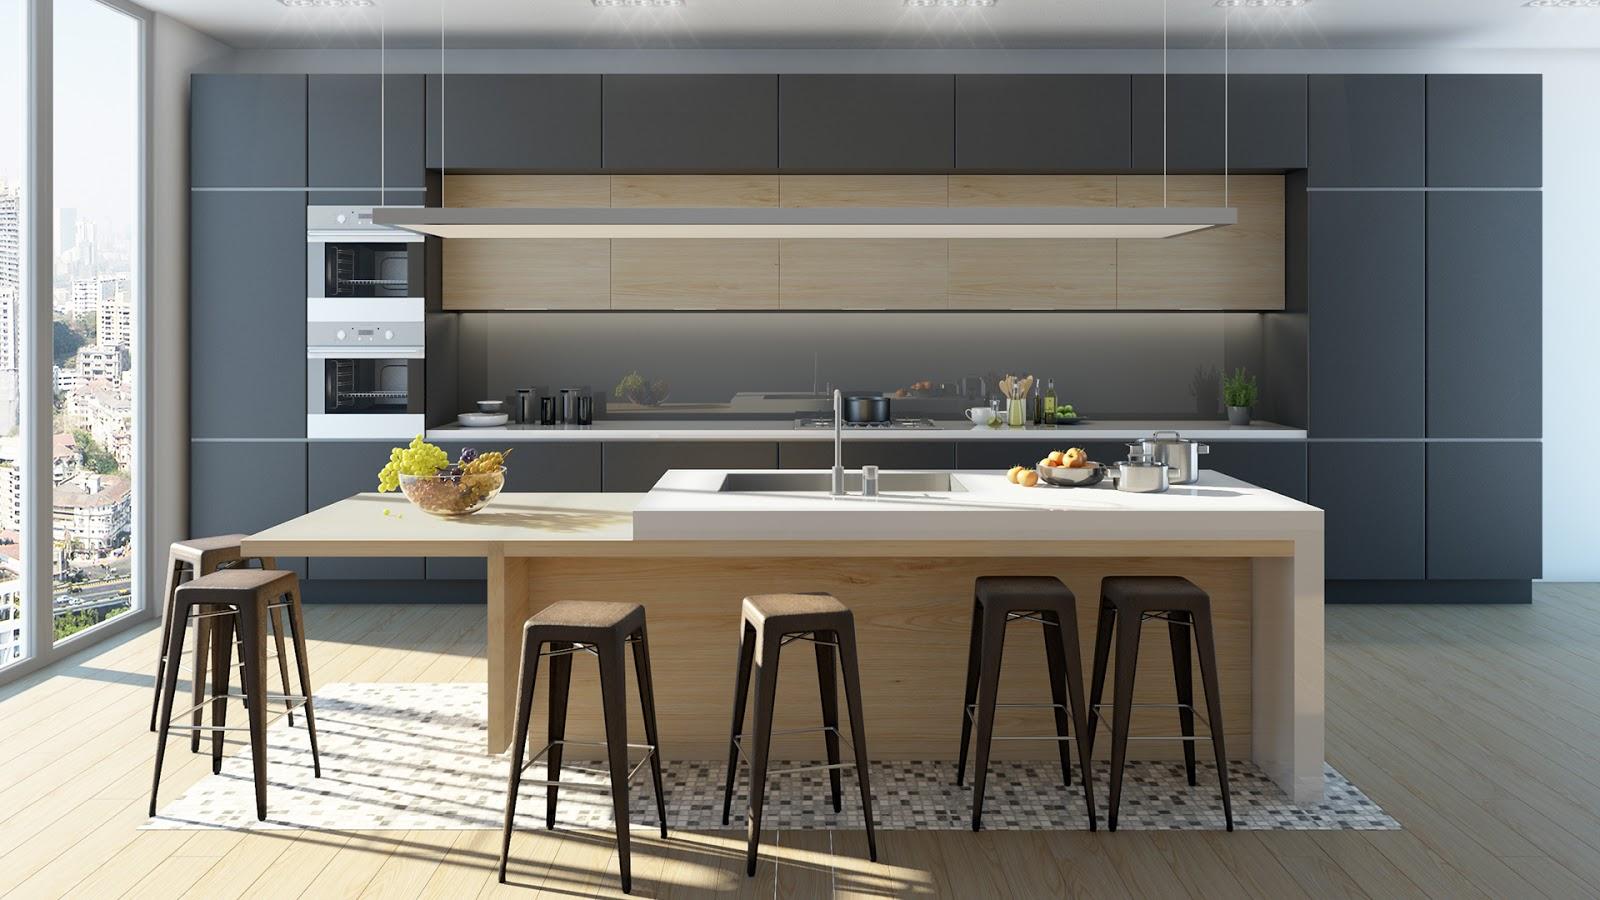 Gemütlich Bilder Modulare Küche Design Bilder - Küchenschrank Ideen ...